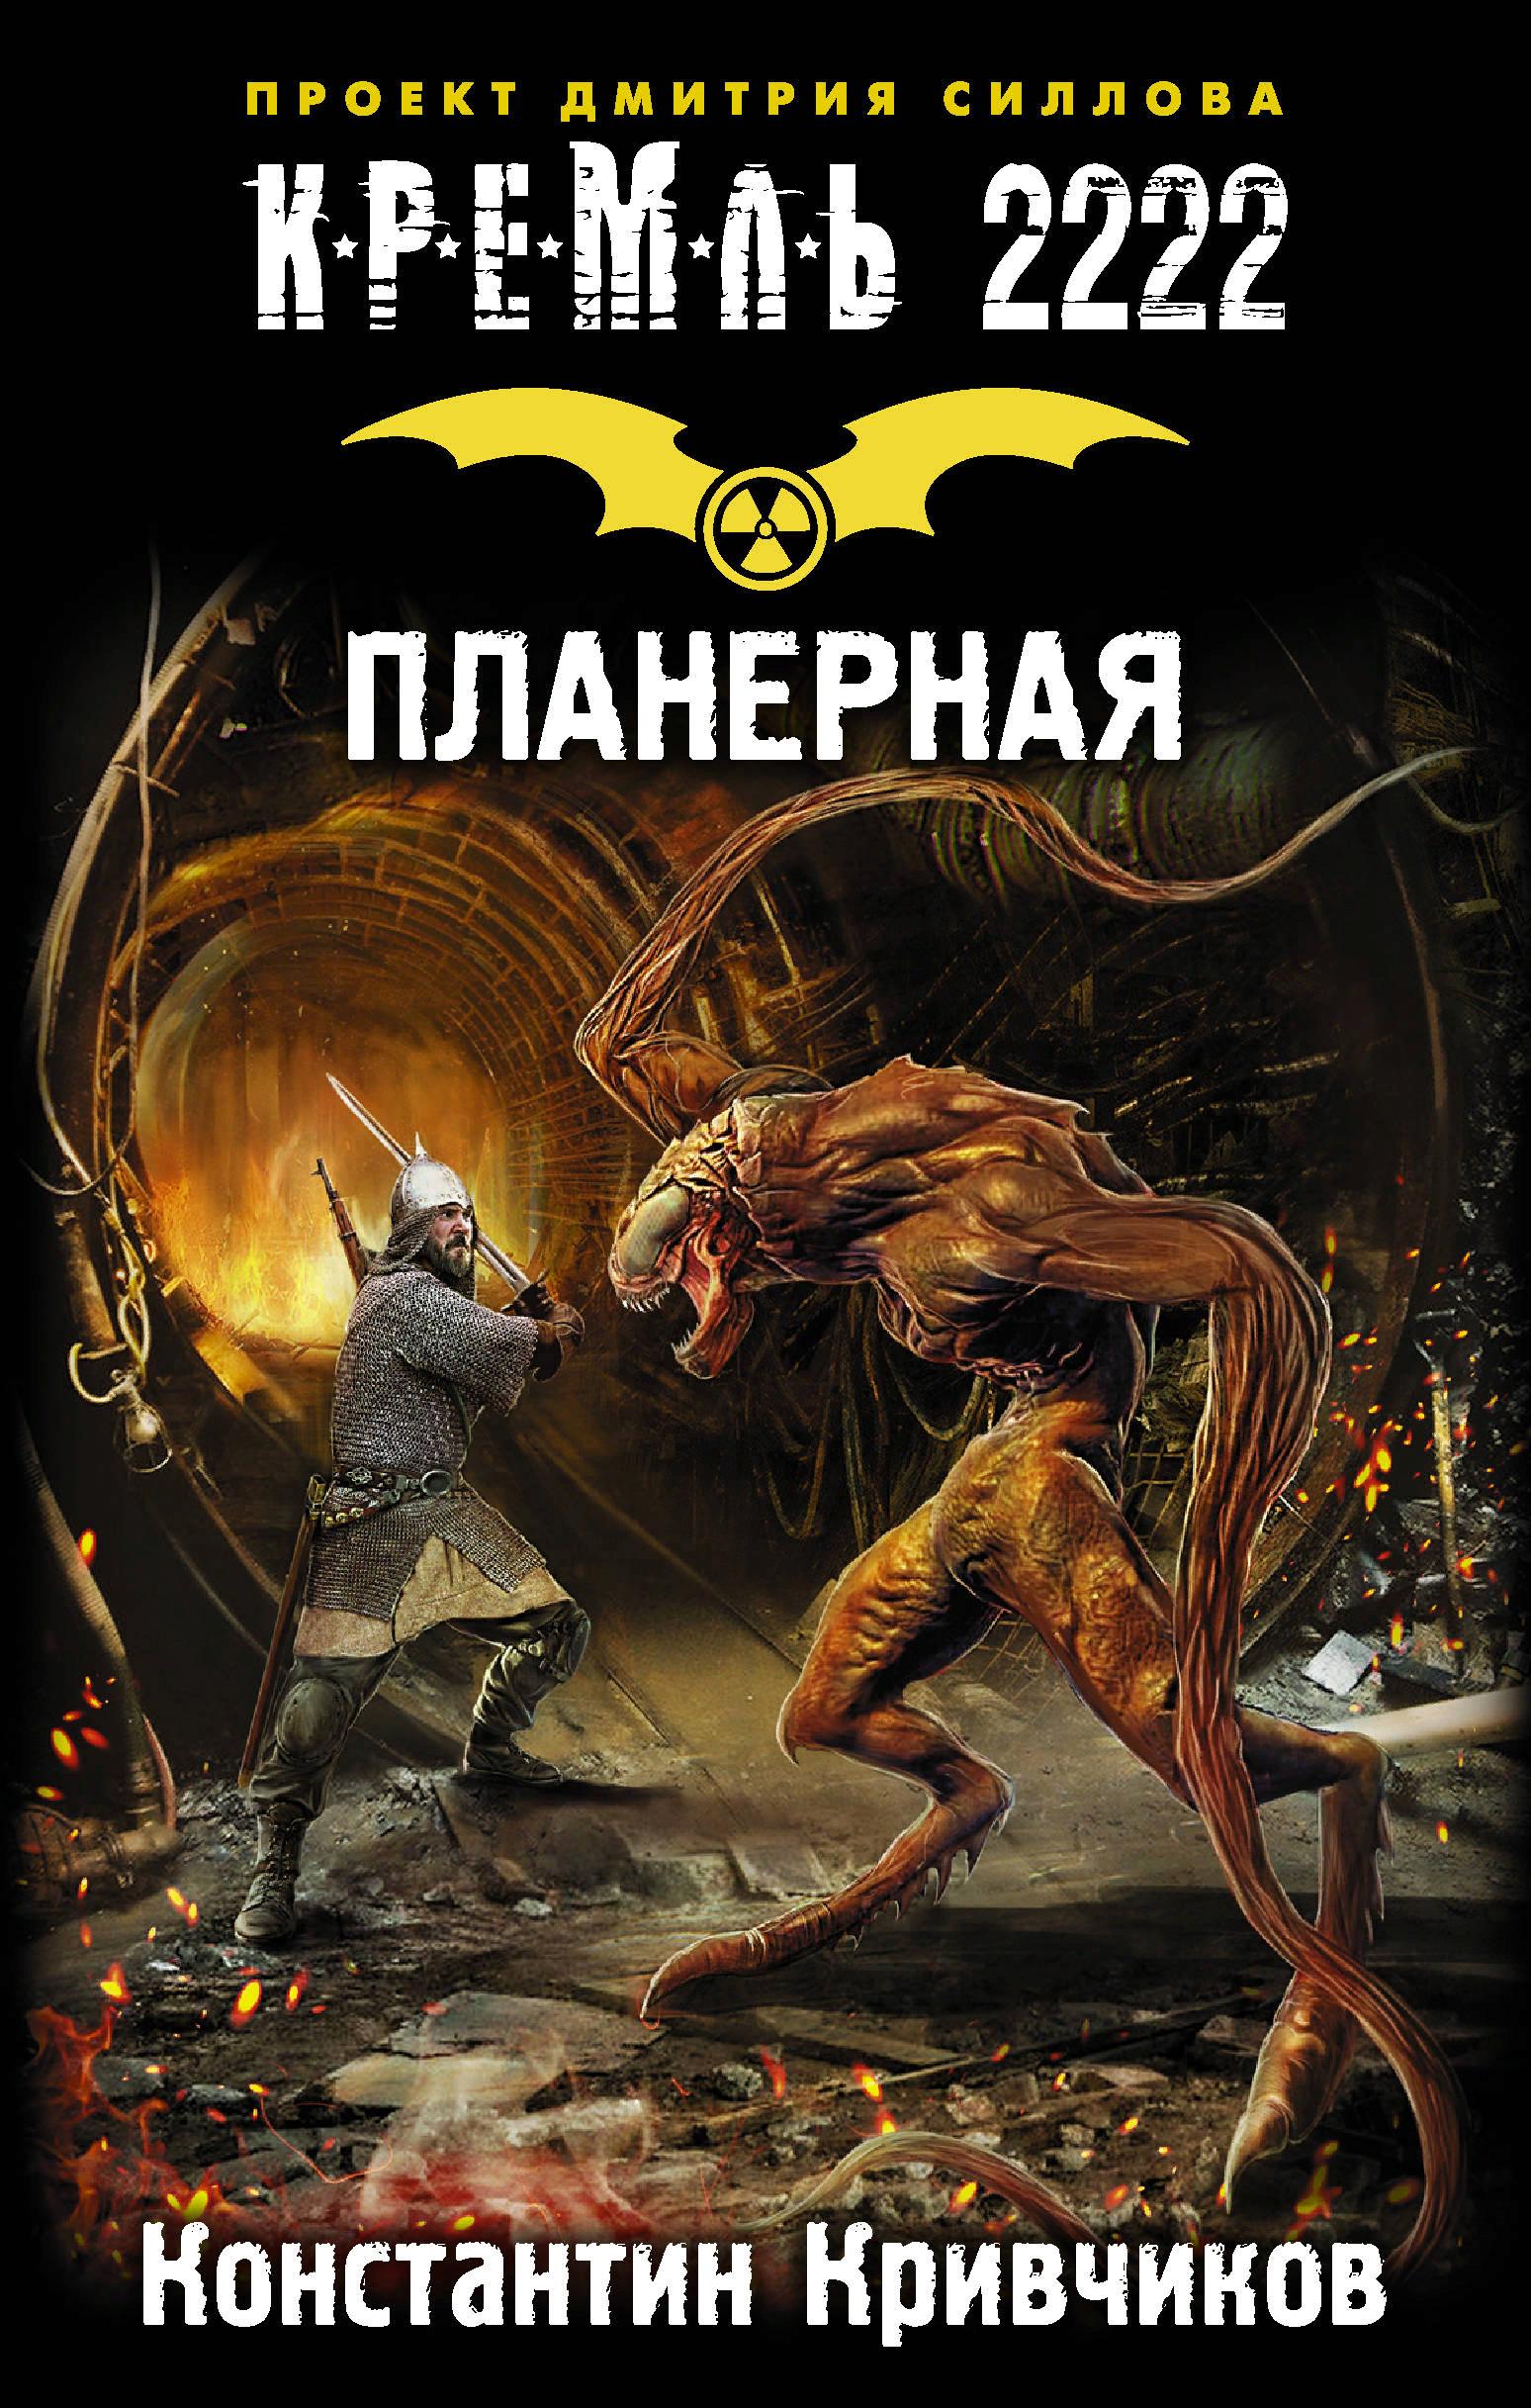 Константин Кривчиков «Кремль 2222. Планерная»